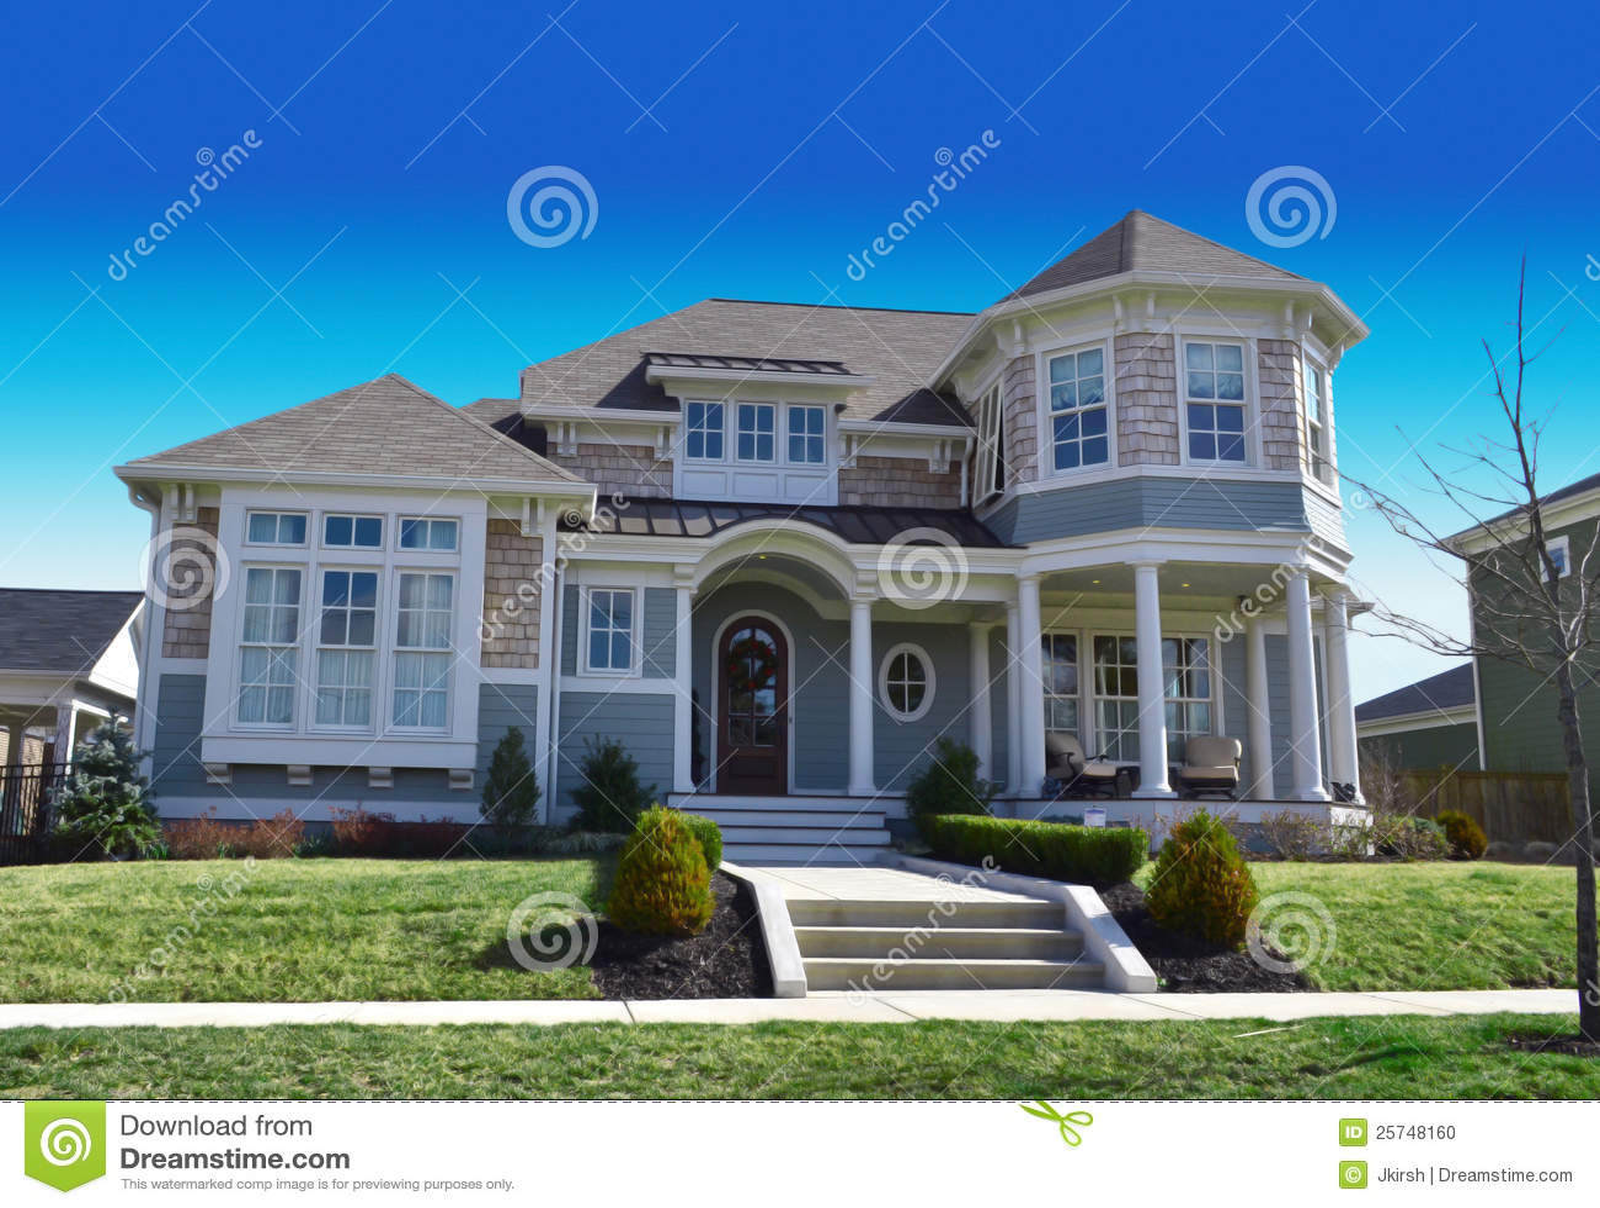 Het huis van de droom van de kabeljauw van de kaap van de stijl van new england stock foto - Versier het huis ...